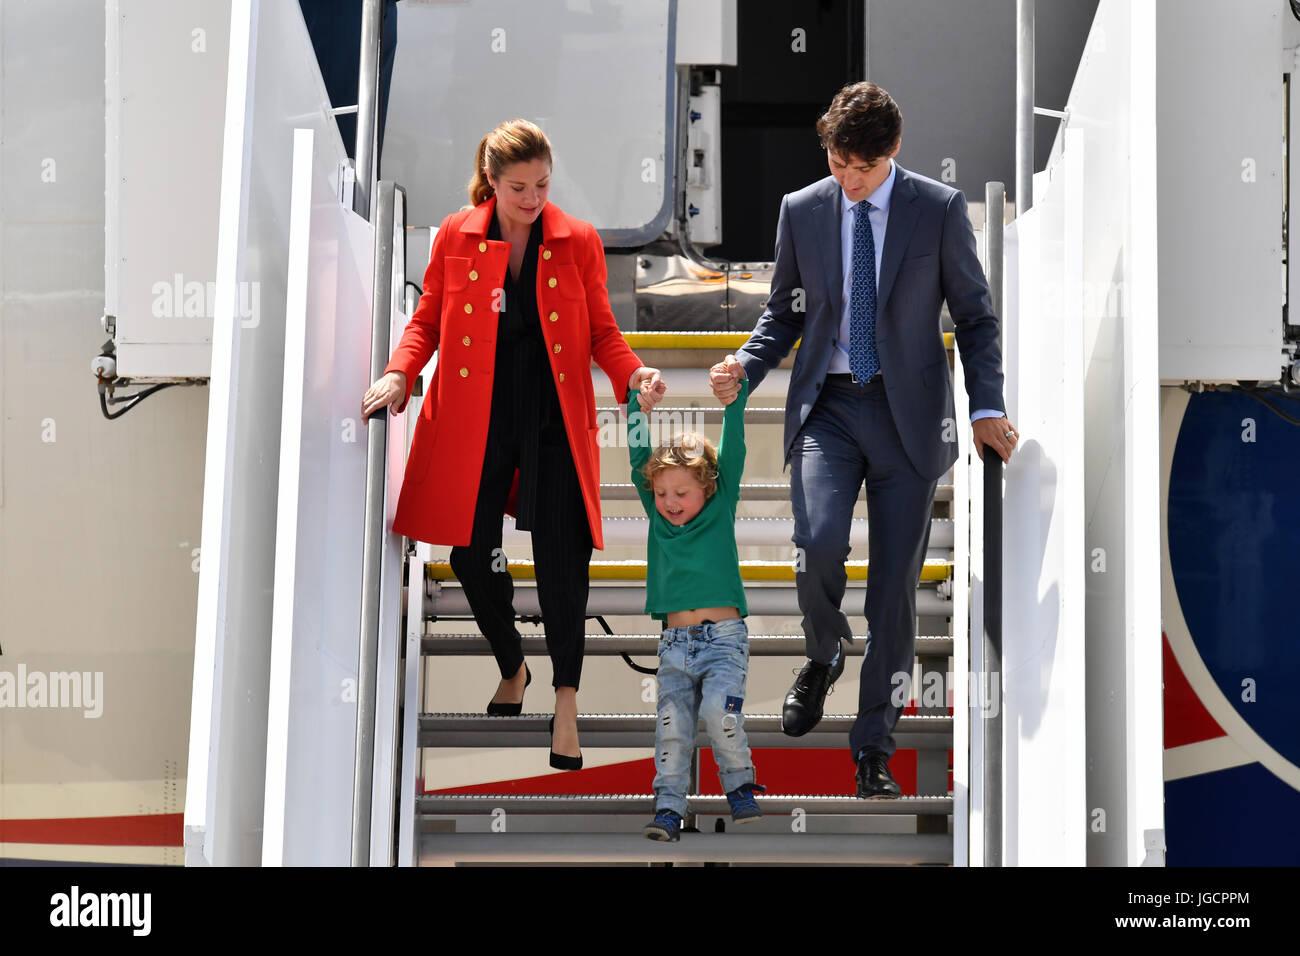 Der kanadische Premierminister Justin Trudeau (r), seine Ehefrau Sophie Gregoire (l) und ihr jüngster Sohn - Stock Image